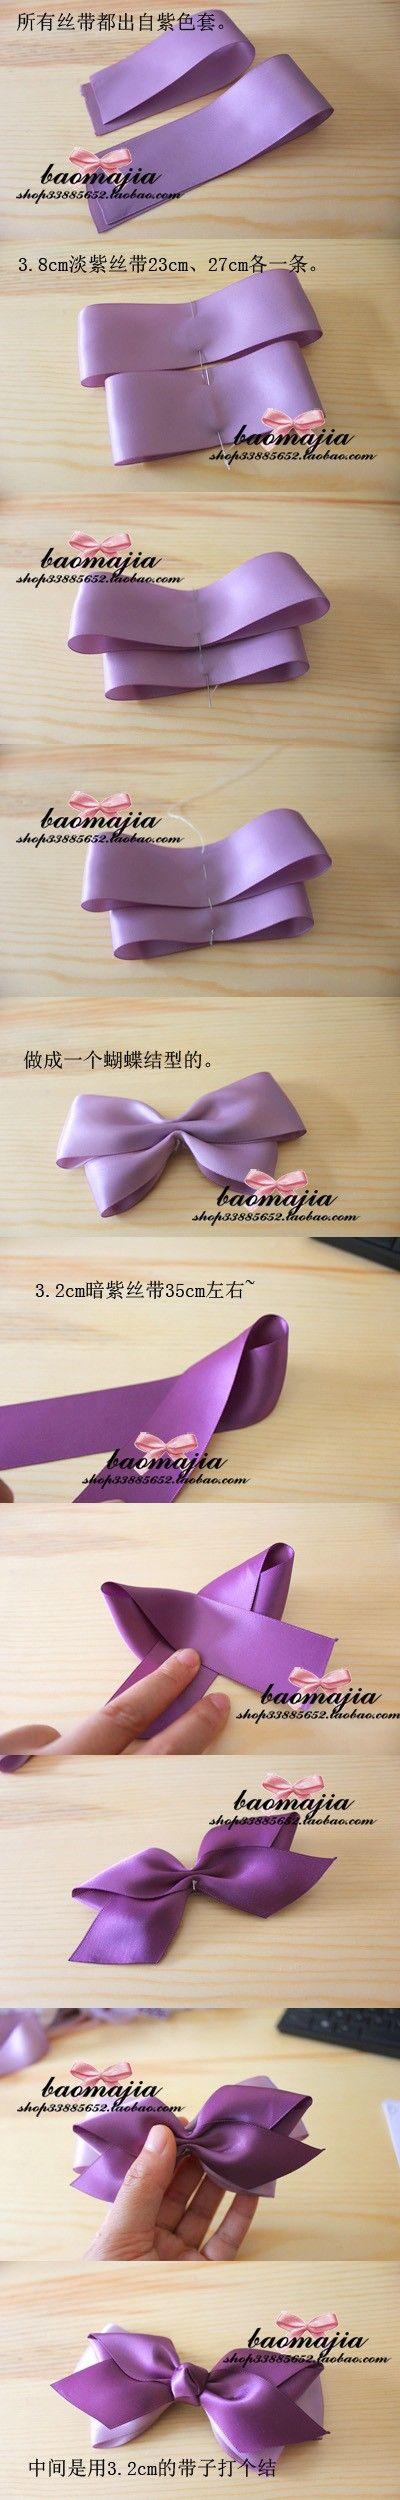 紫色套装深入解析之二~图片出自宝妈家博客…_来自喵小菜的图片分享-堆糖网